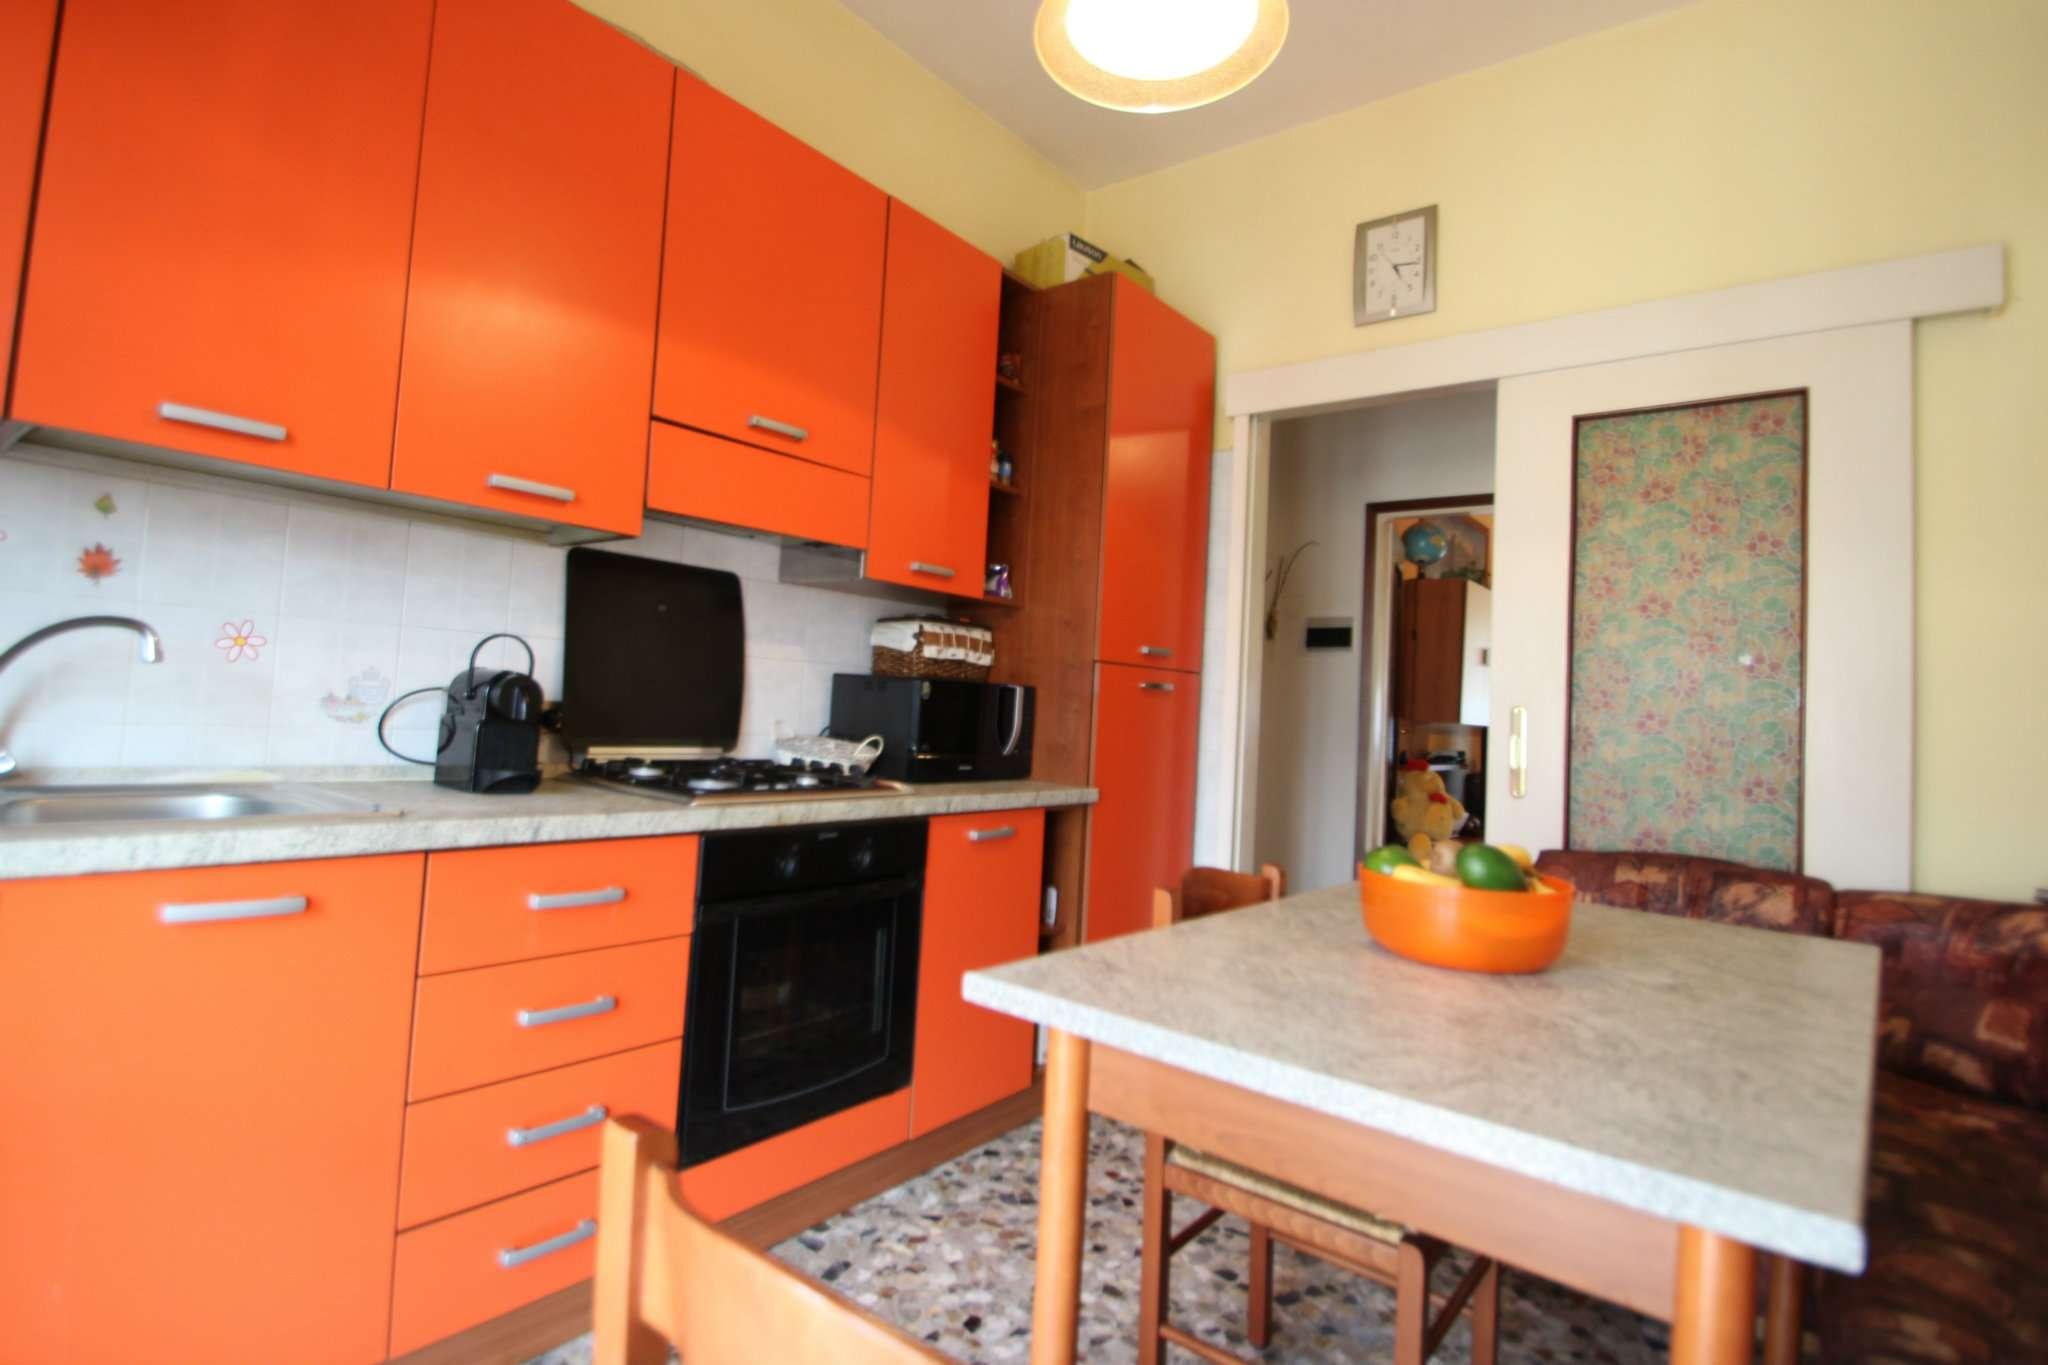 Appartamento in vendita a Bonate Sotto, 30 locali, prezzo € 59.000 | PortaleAgenzieImmobiliari.it